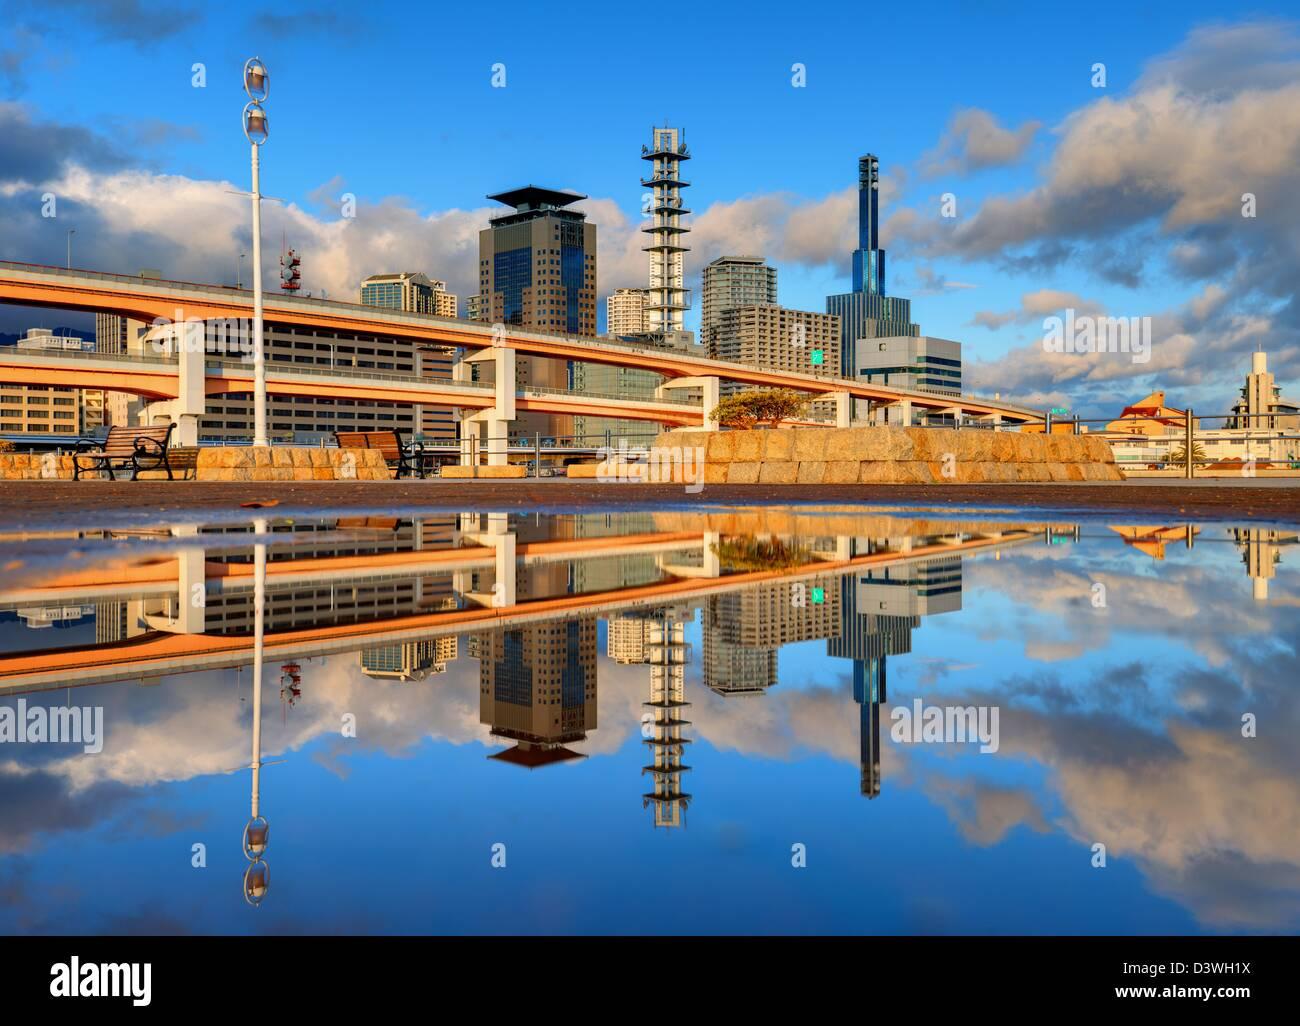 Moderna ciudad con reflejos naturales en un charco de Kobe, Japón. Foto de stock